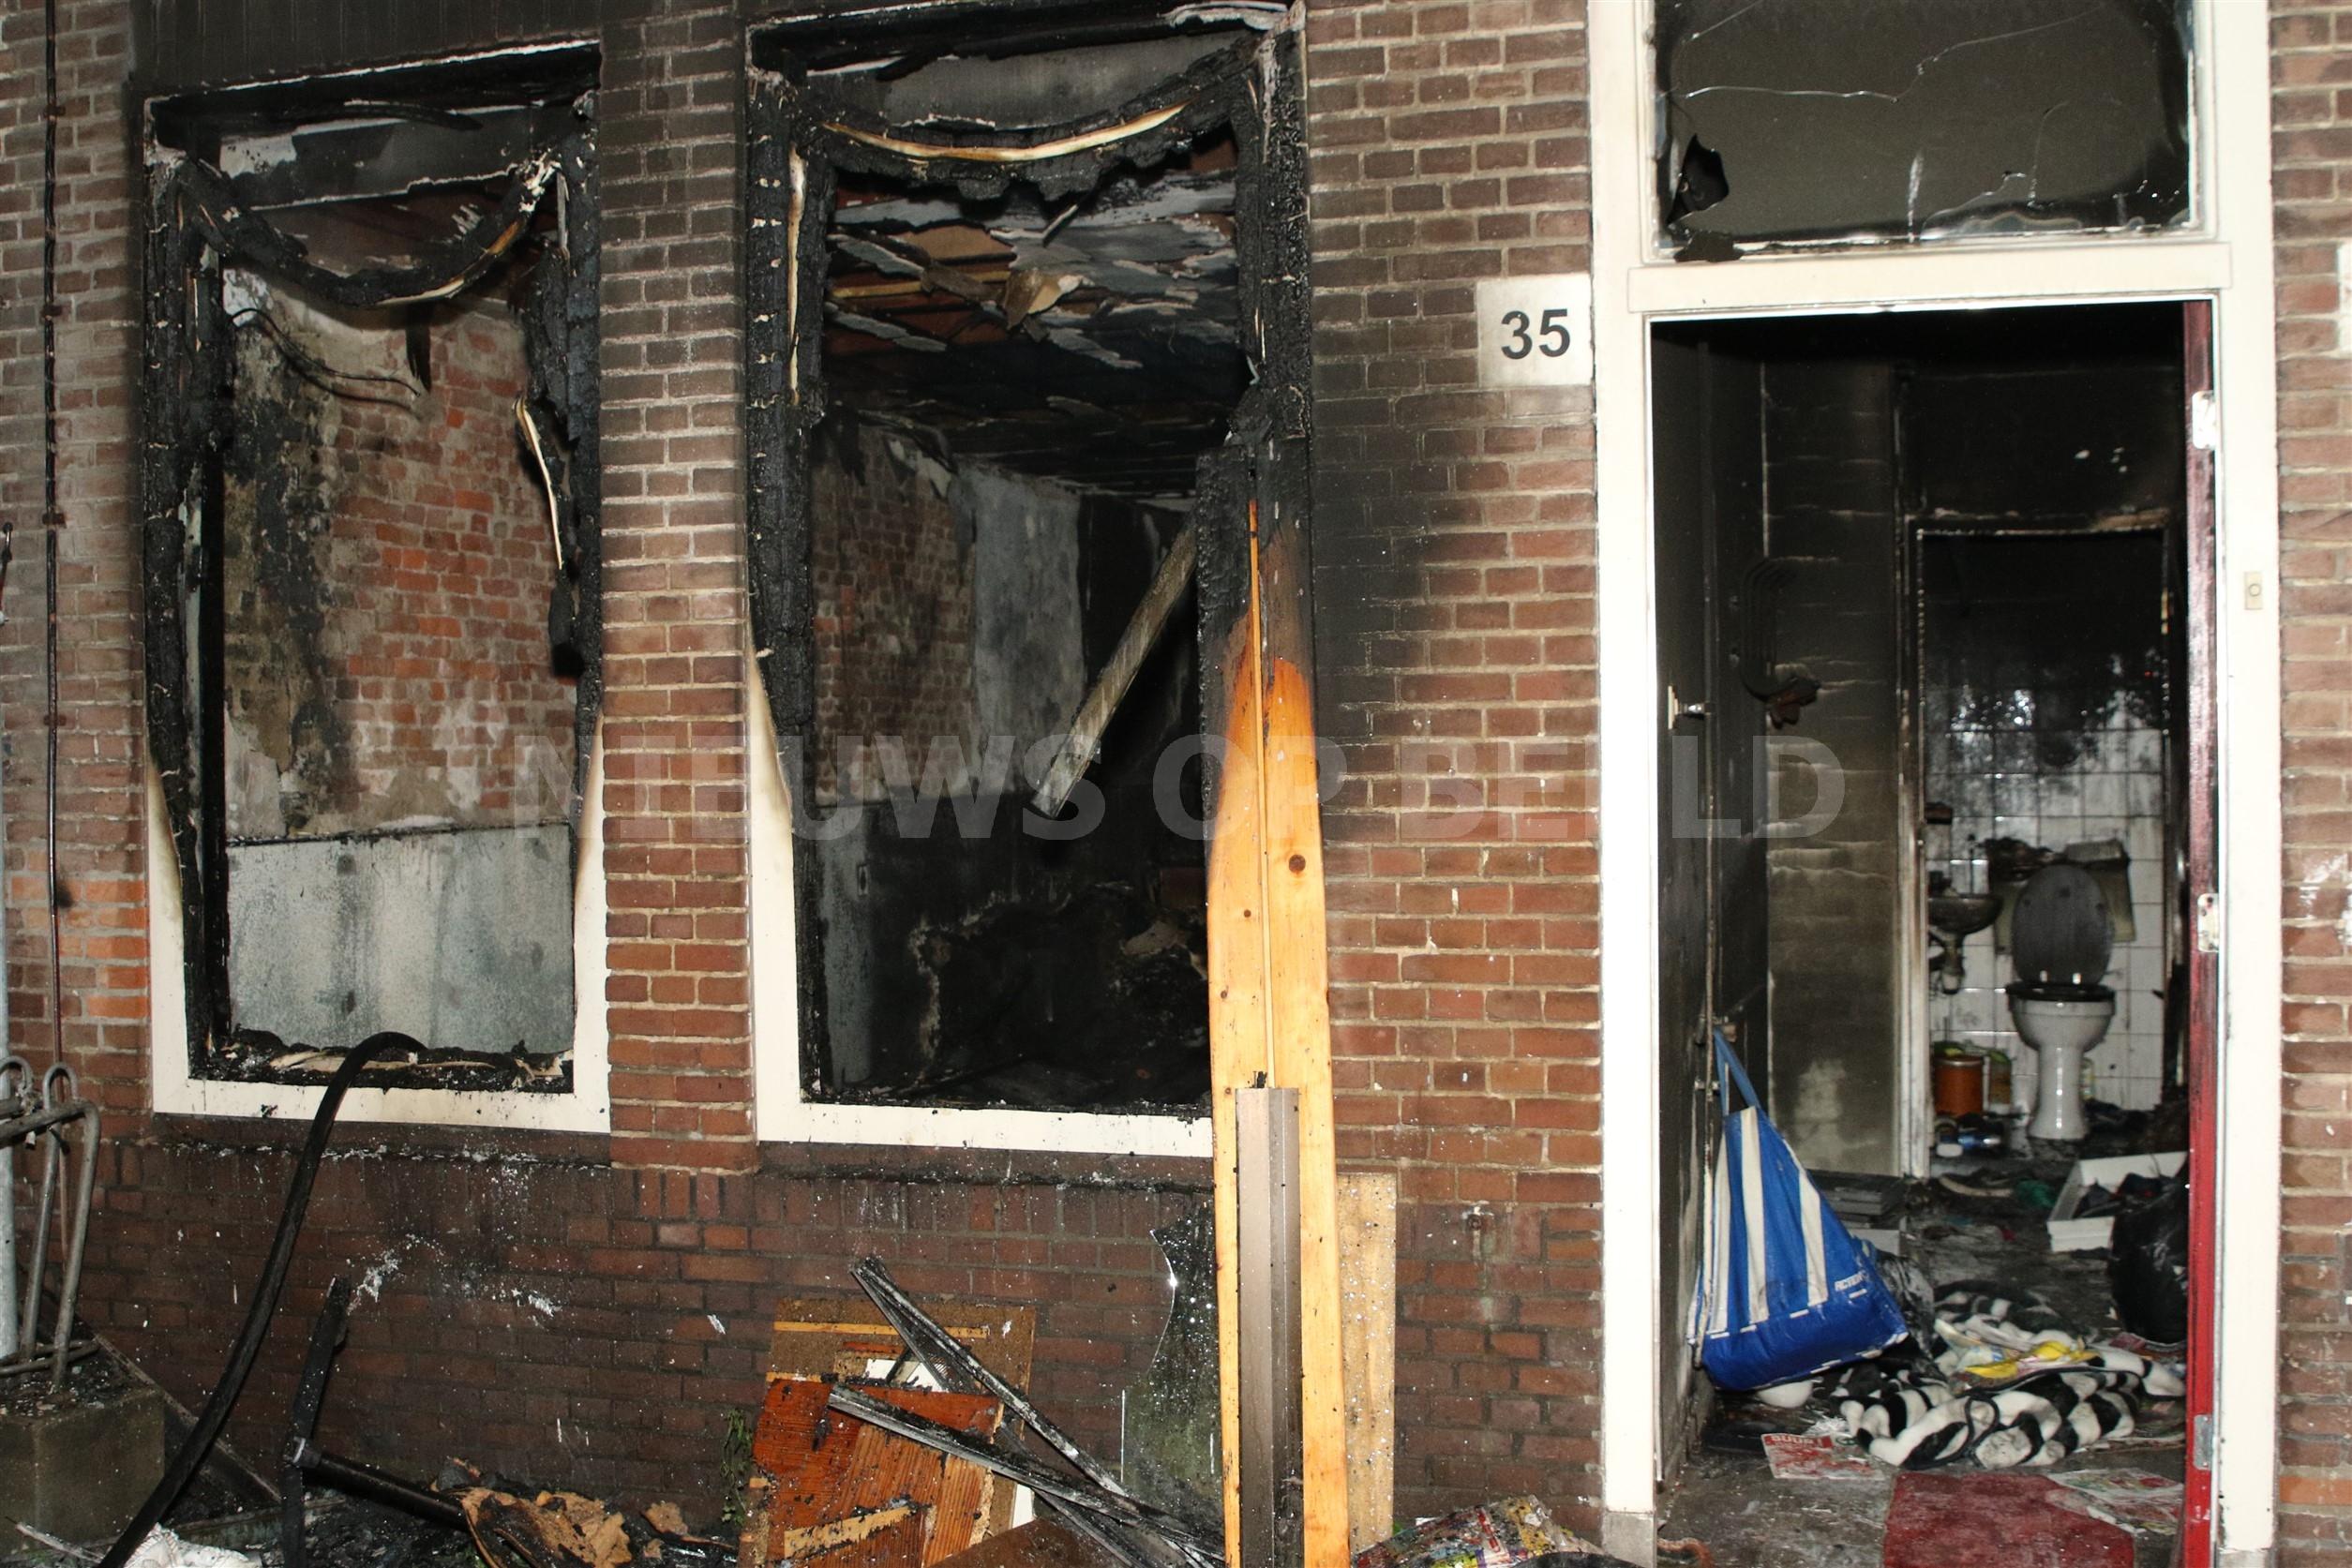 Benedenverdieping woning brand volledig uit Seringenstraat Leiden